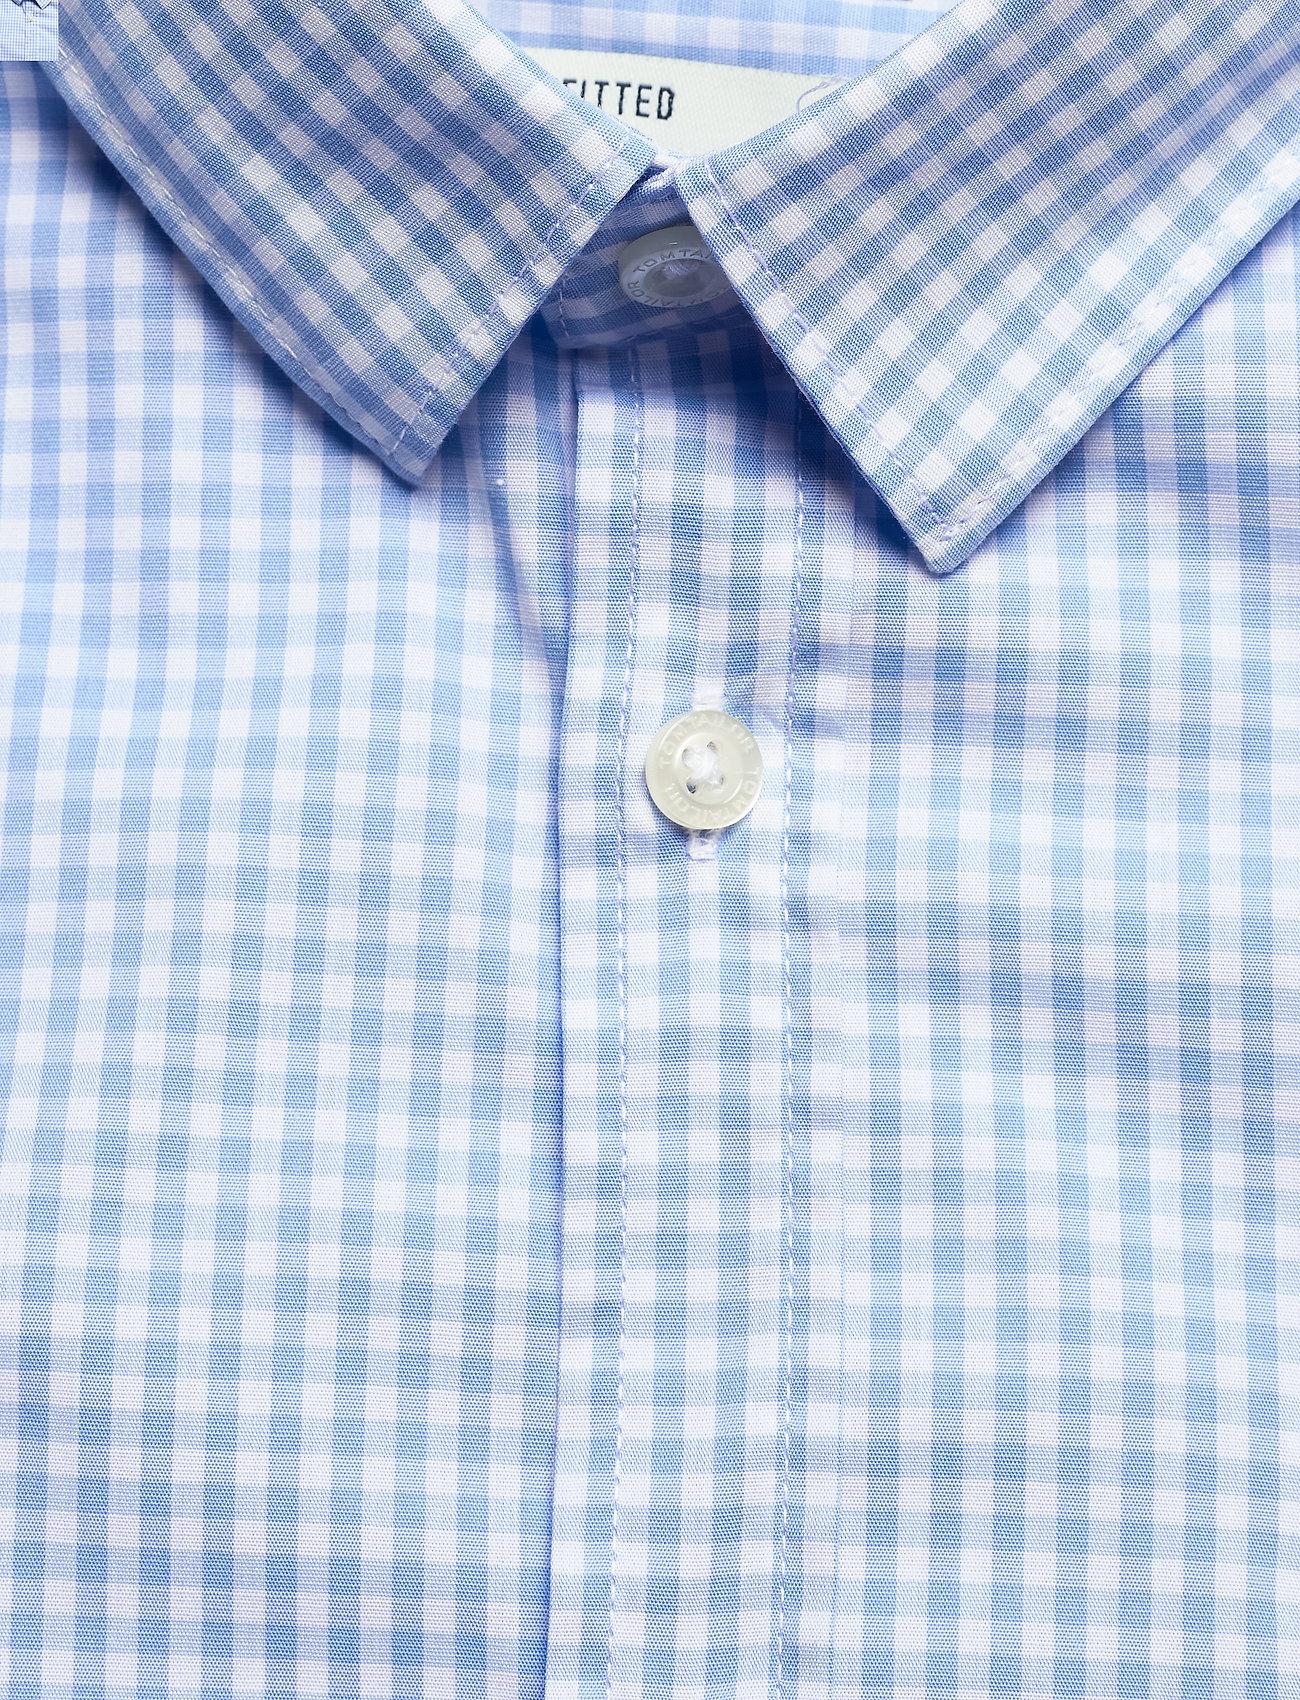 Tom Tailor fitted easyc - Skjorter LIGHT BLUE MINI VICHY CHECK - Menn Klær